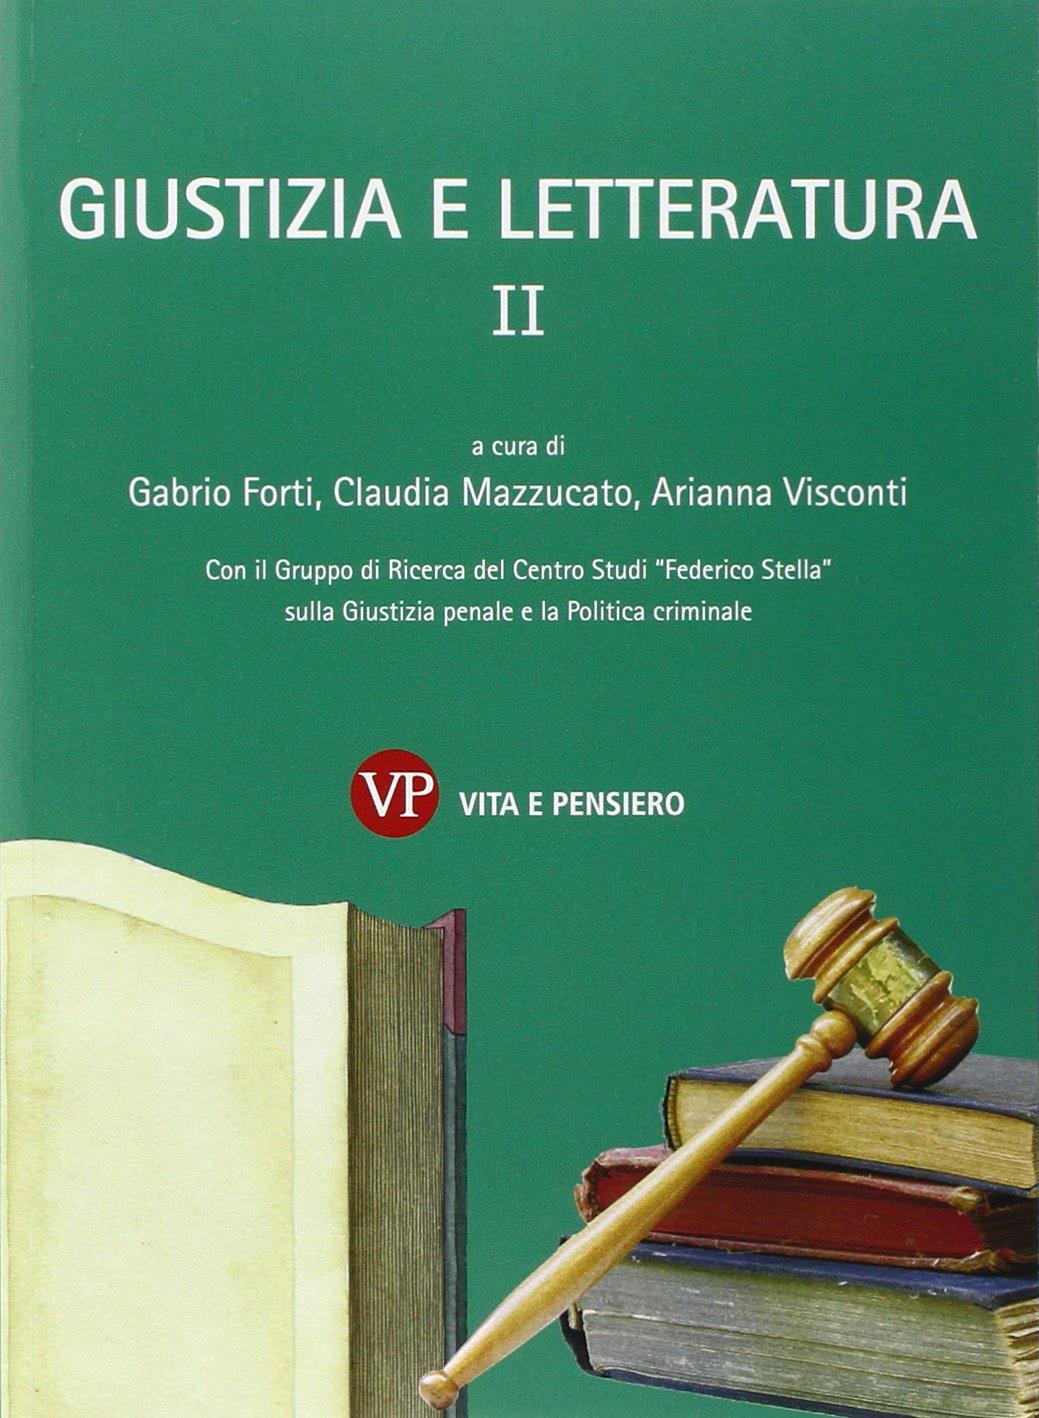 Giustizia e letteratura - Vol. 2